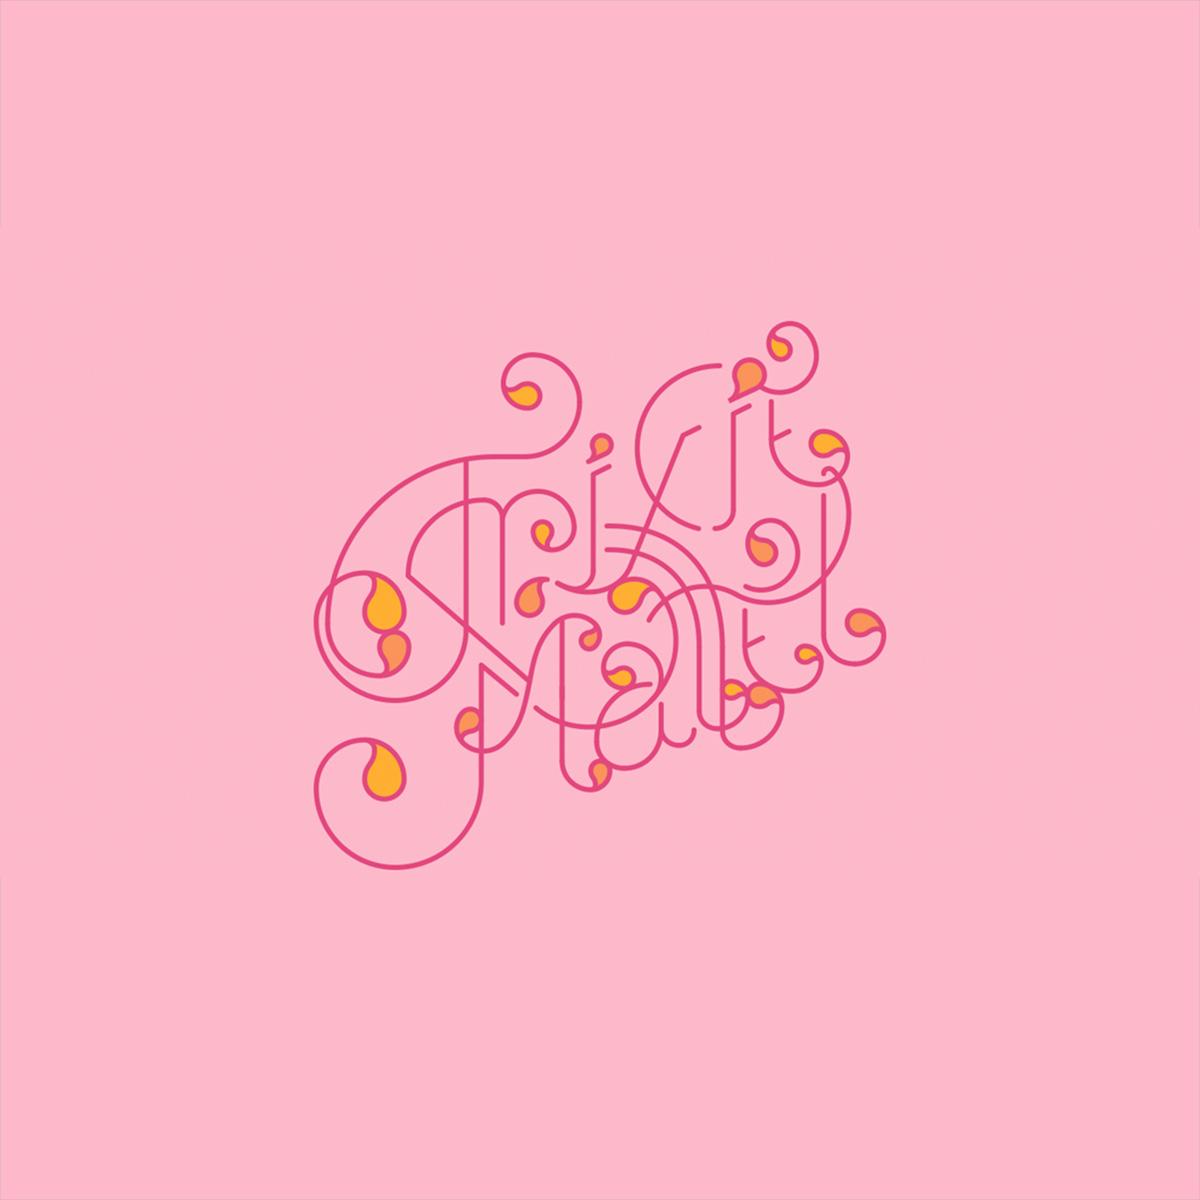 logo_trixie_mattel_honey_fan_art_by_andre_levy_zhion.jpg